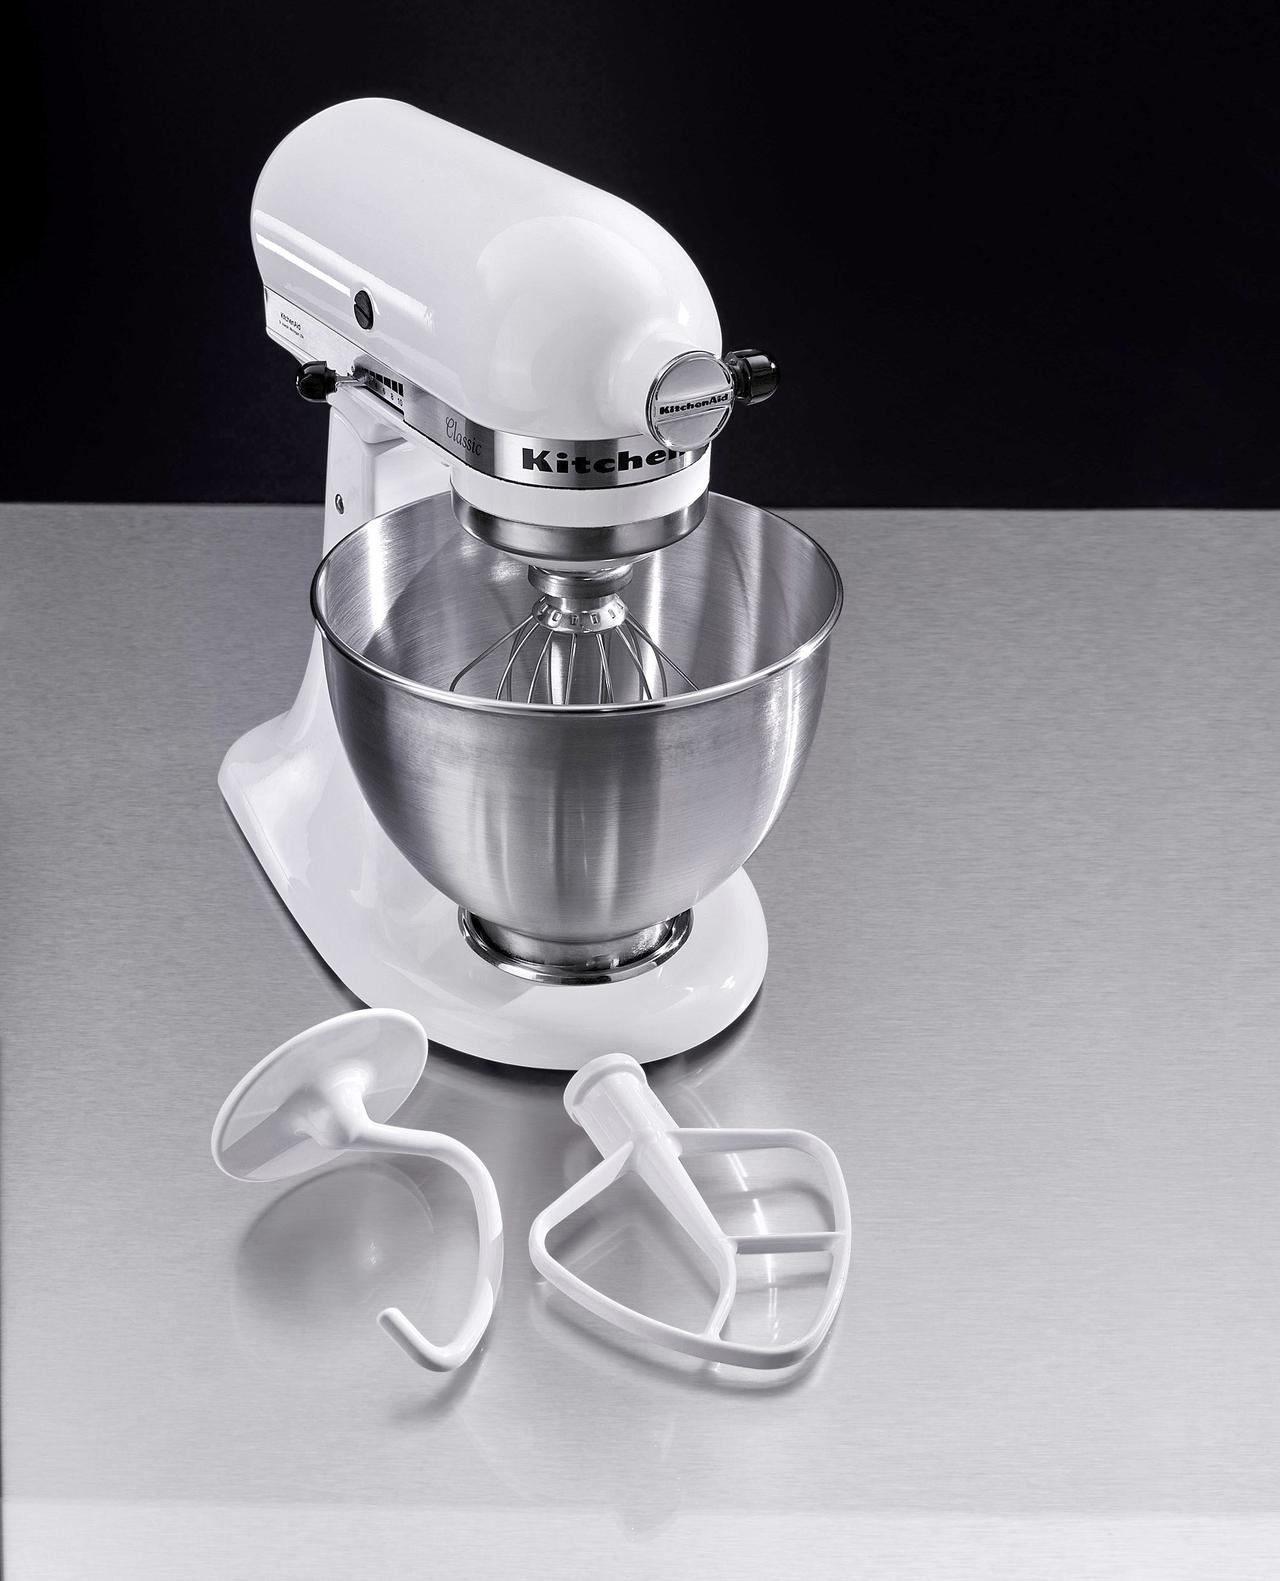 kitchenaid küchenmaschine 5k45ssewh metallgehäuse weiß